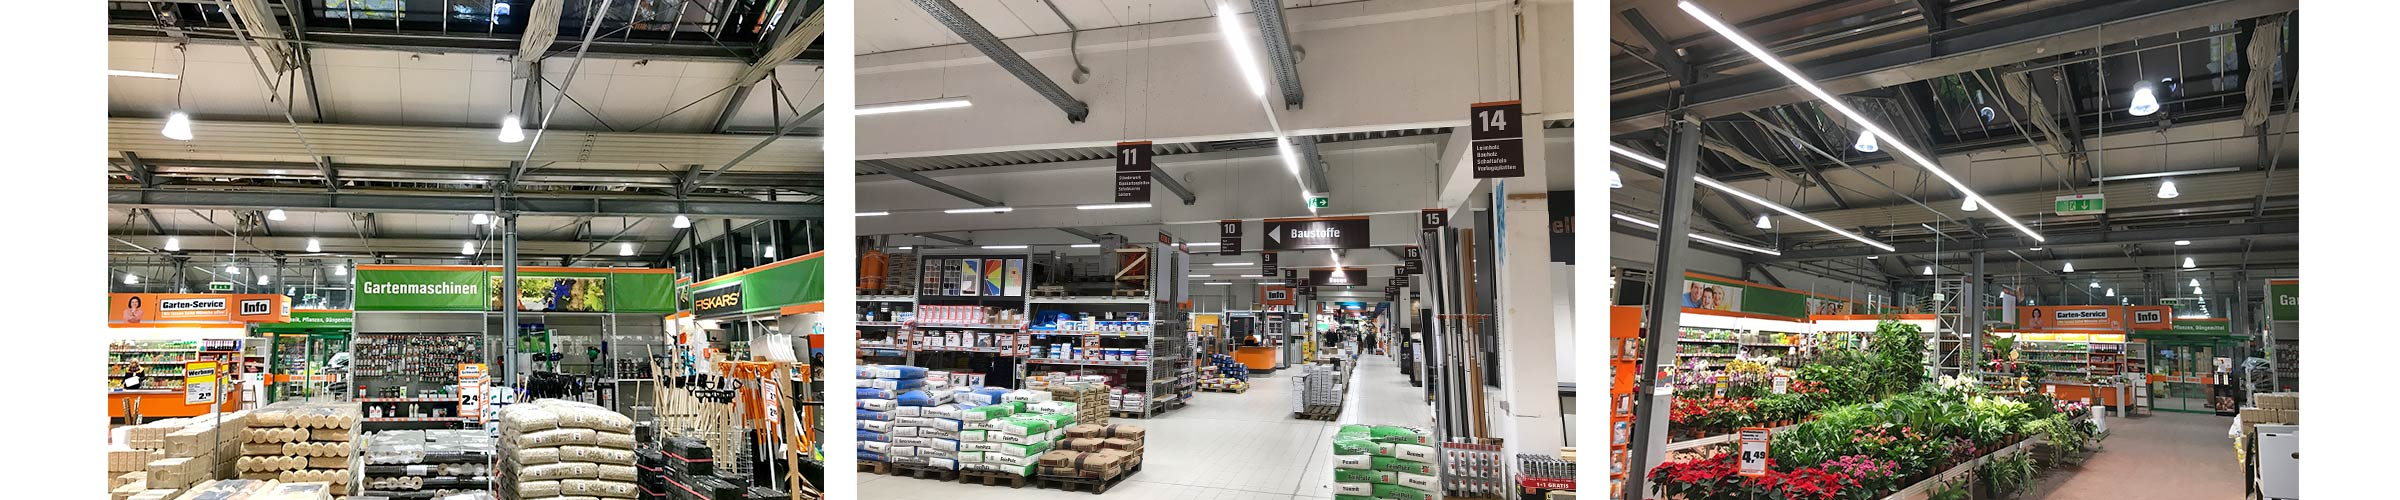 Baumarkt mit SML LED Produkten